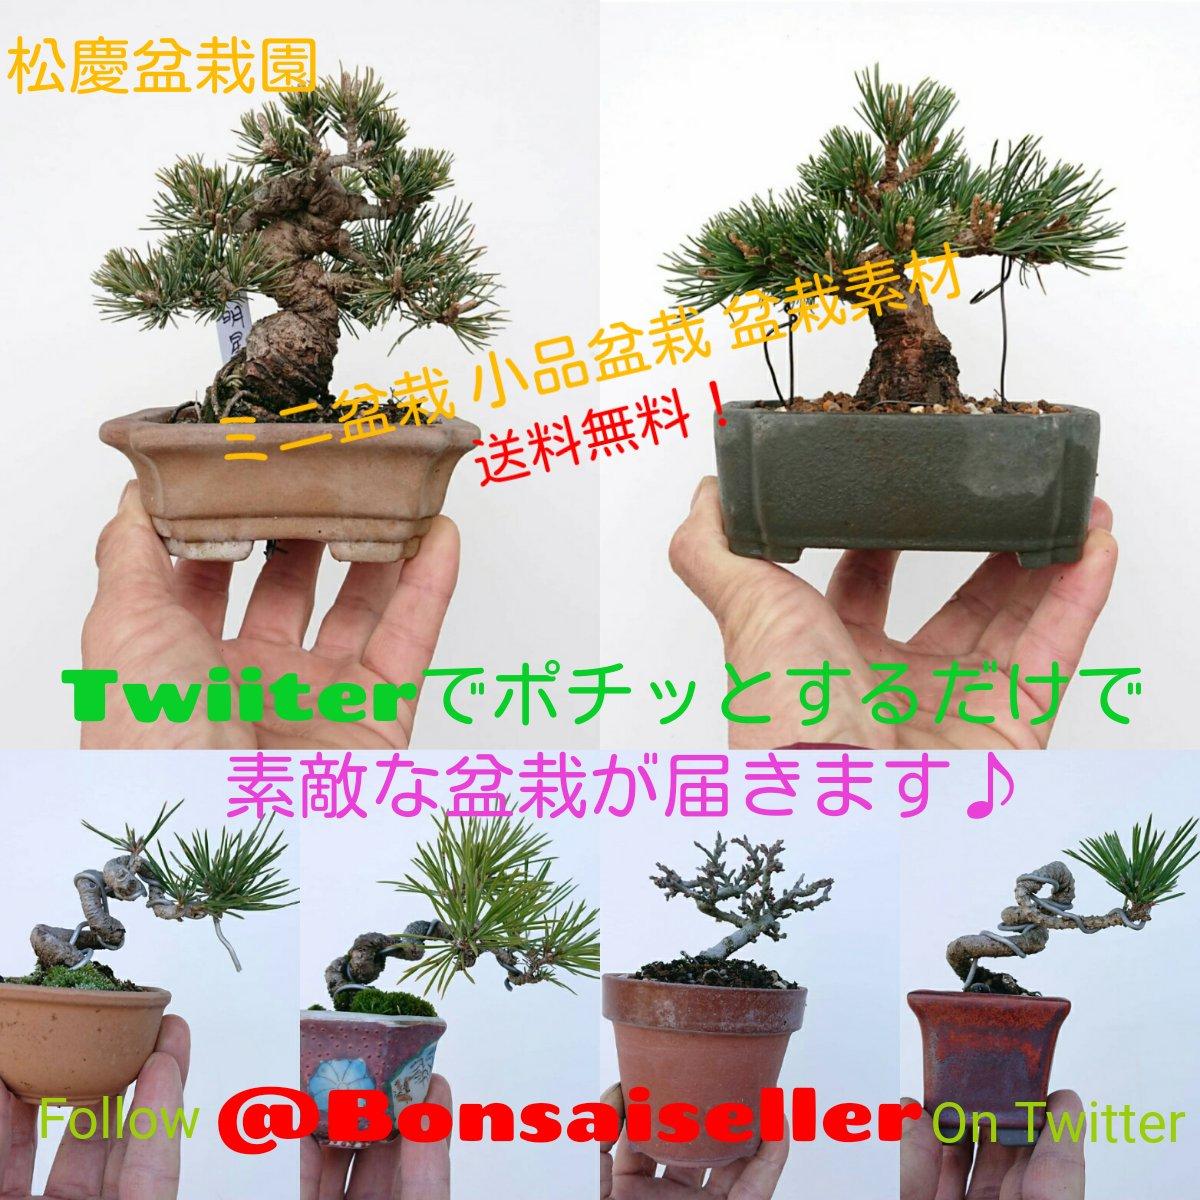 ポチッとな♪  (@Bonsaiseller) https://twitter.com/Bonsaiseller?s=09…  可愛いミニ盆栽からおしゃれなアクセント小鉢まで。 見ているだけでも楽しい品揃え♪  #盆栽 #盆栽販売 #heysoi #bonsai #bonsaiforsale #bonsailife #松慶盆栽園 #花折松慶